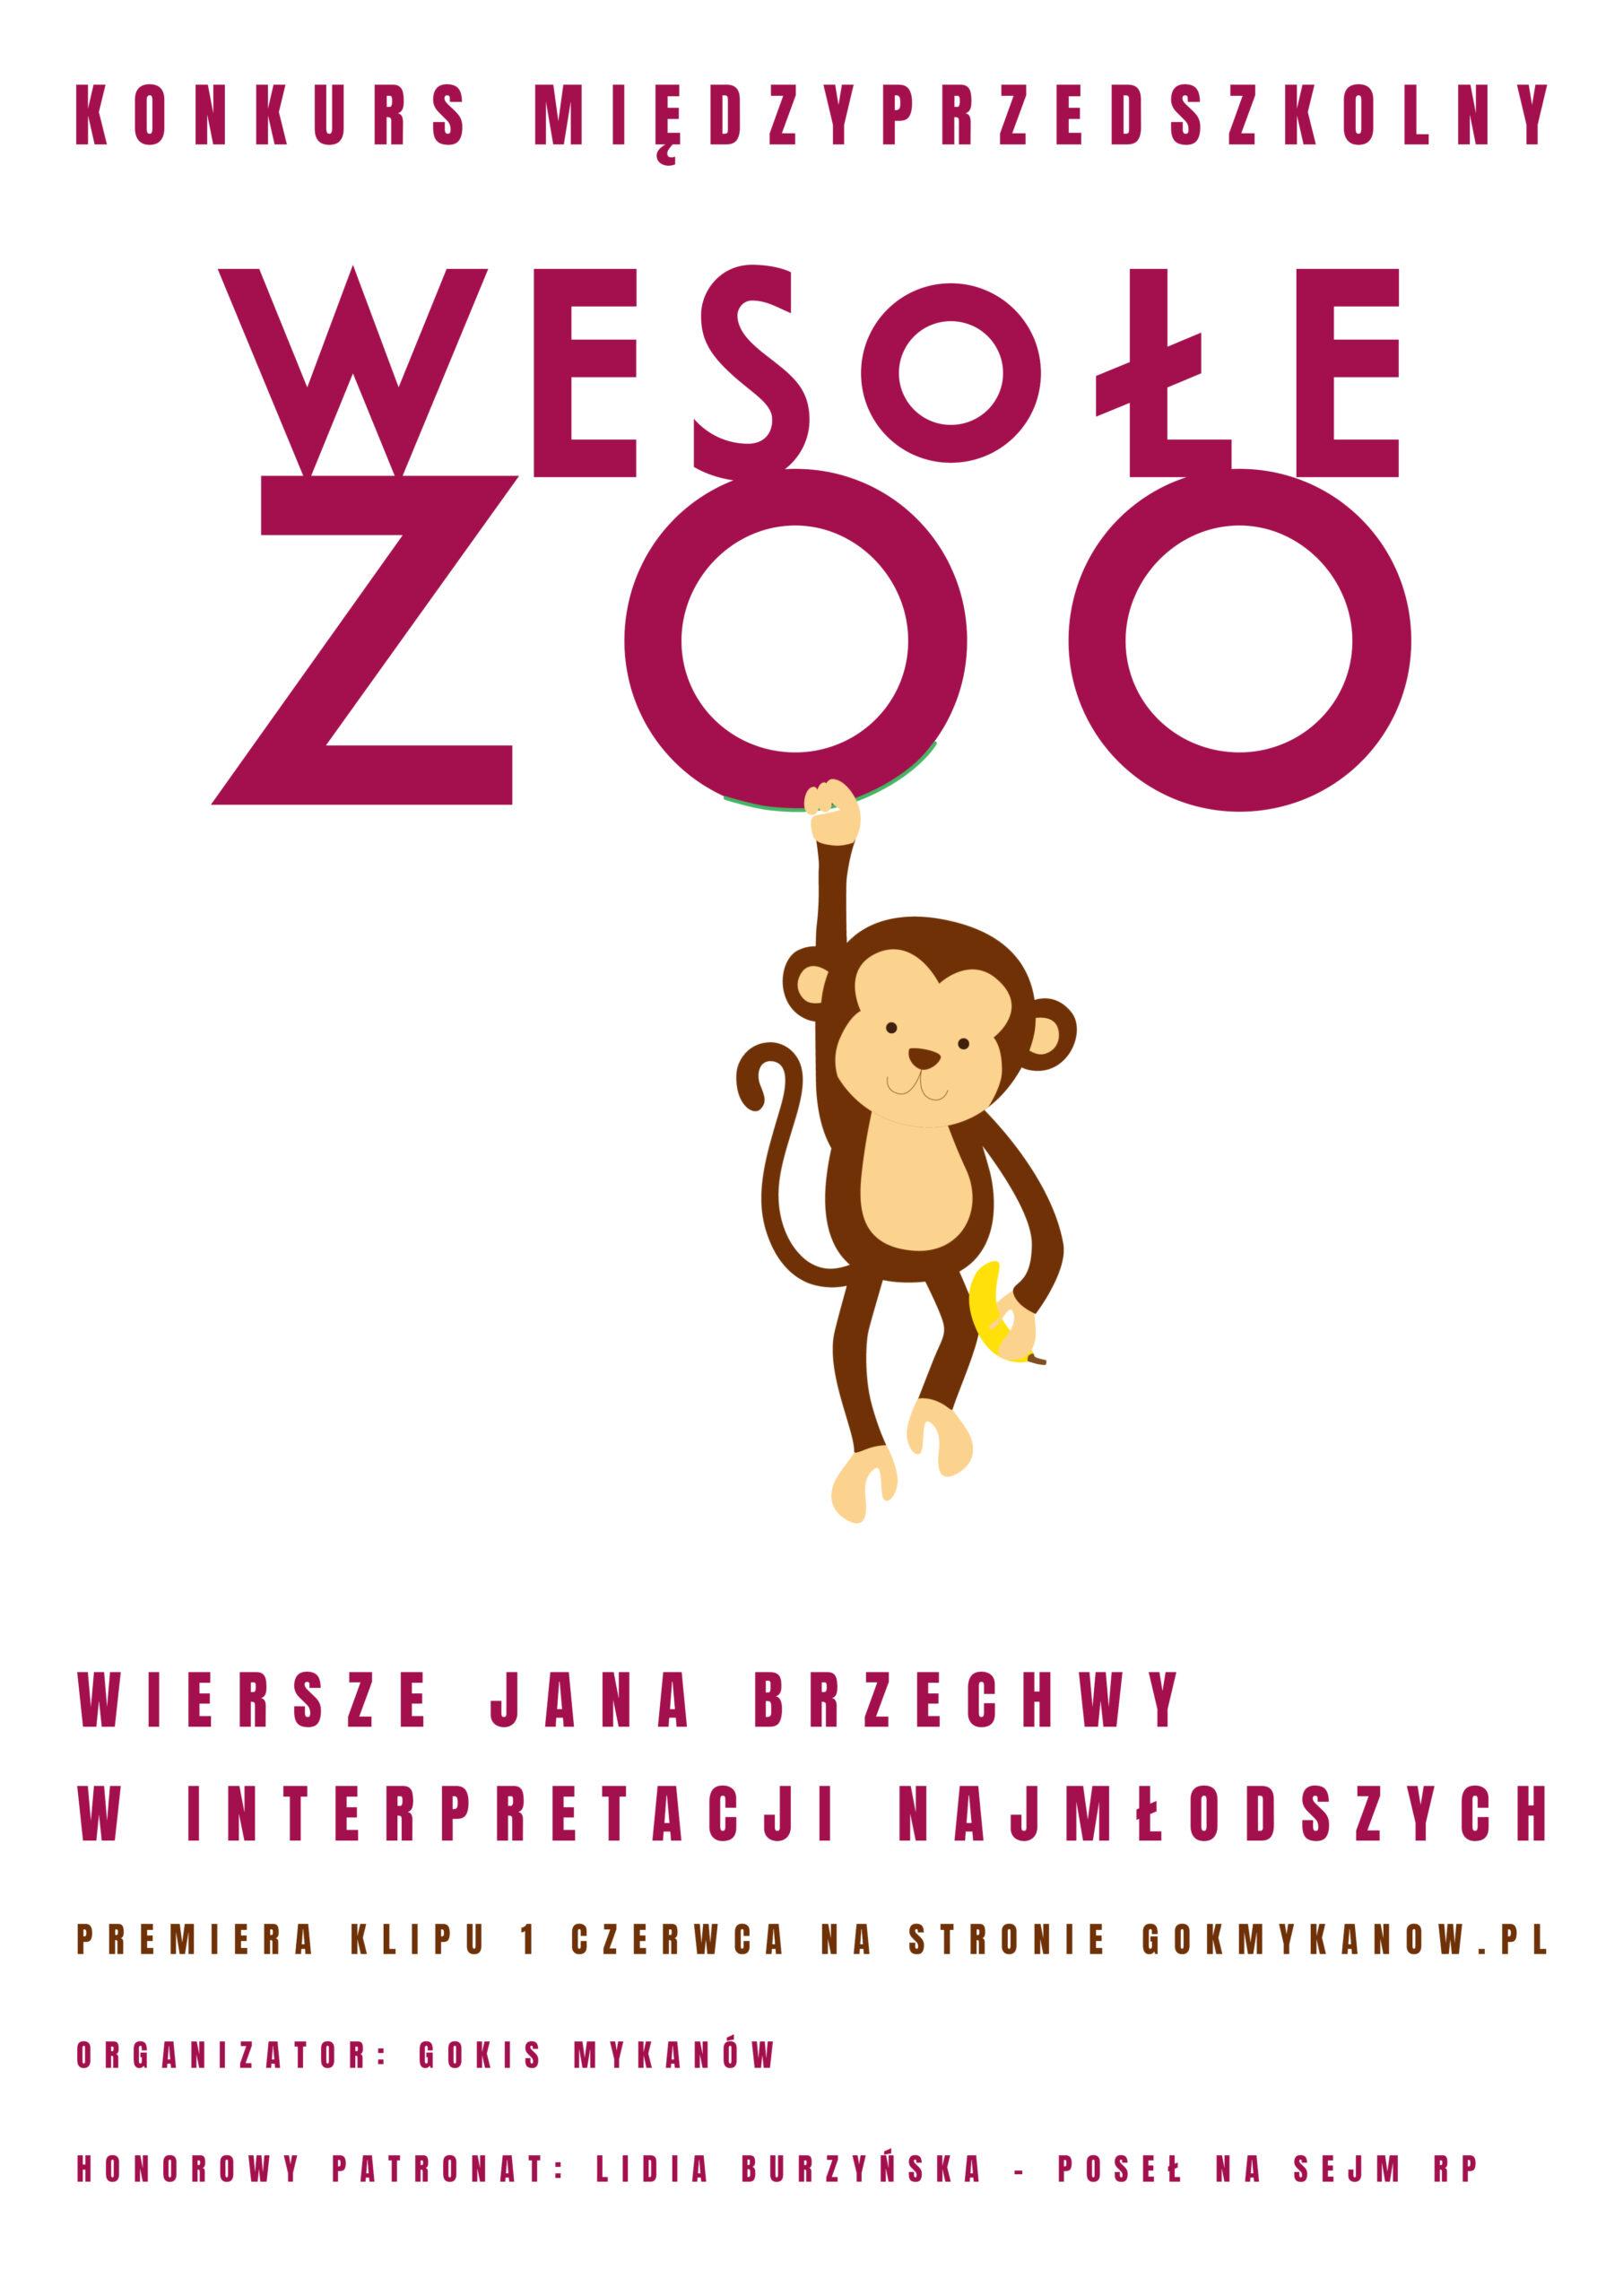 Wesołe zoo – konkurs dla przedszkoli